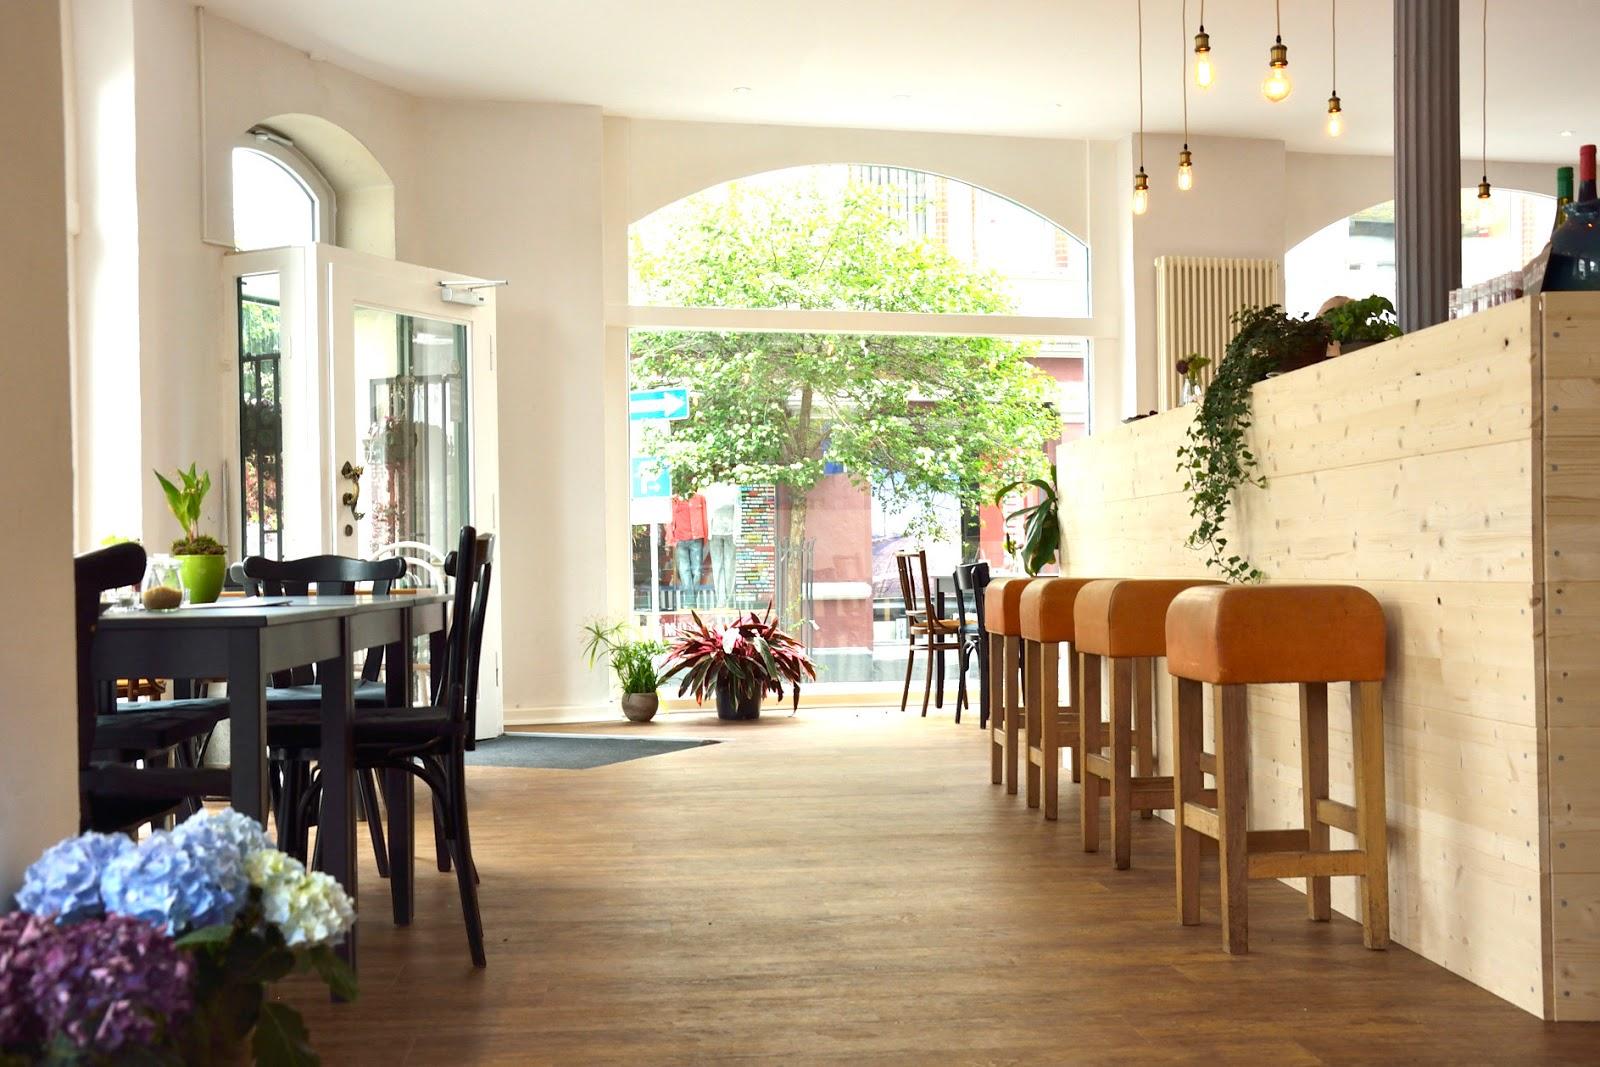 Cafe Wohnzimmer Altensteig Ffnungszeiten Dortmund